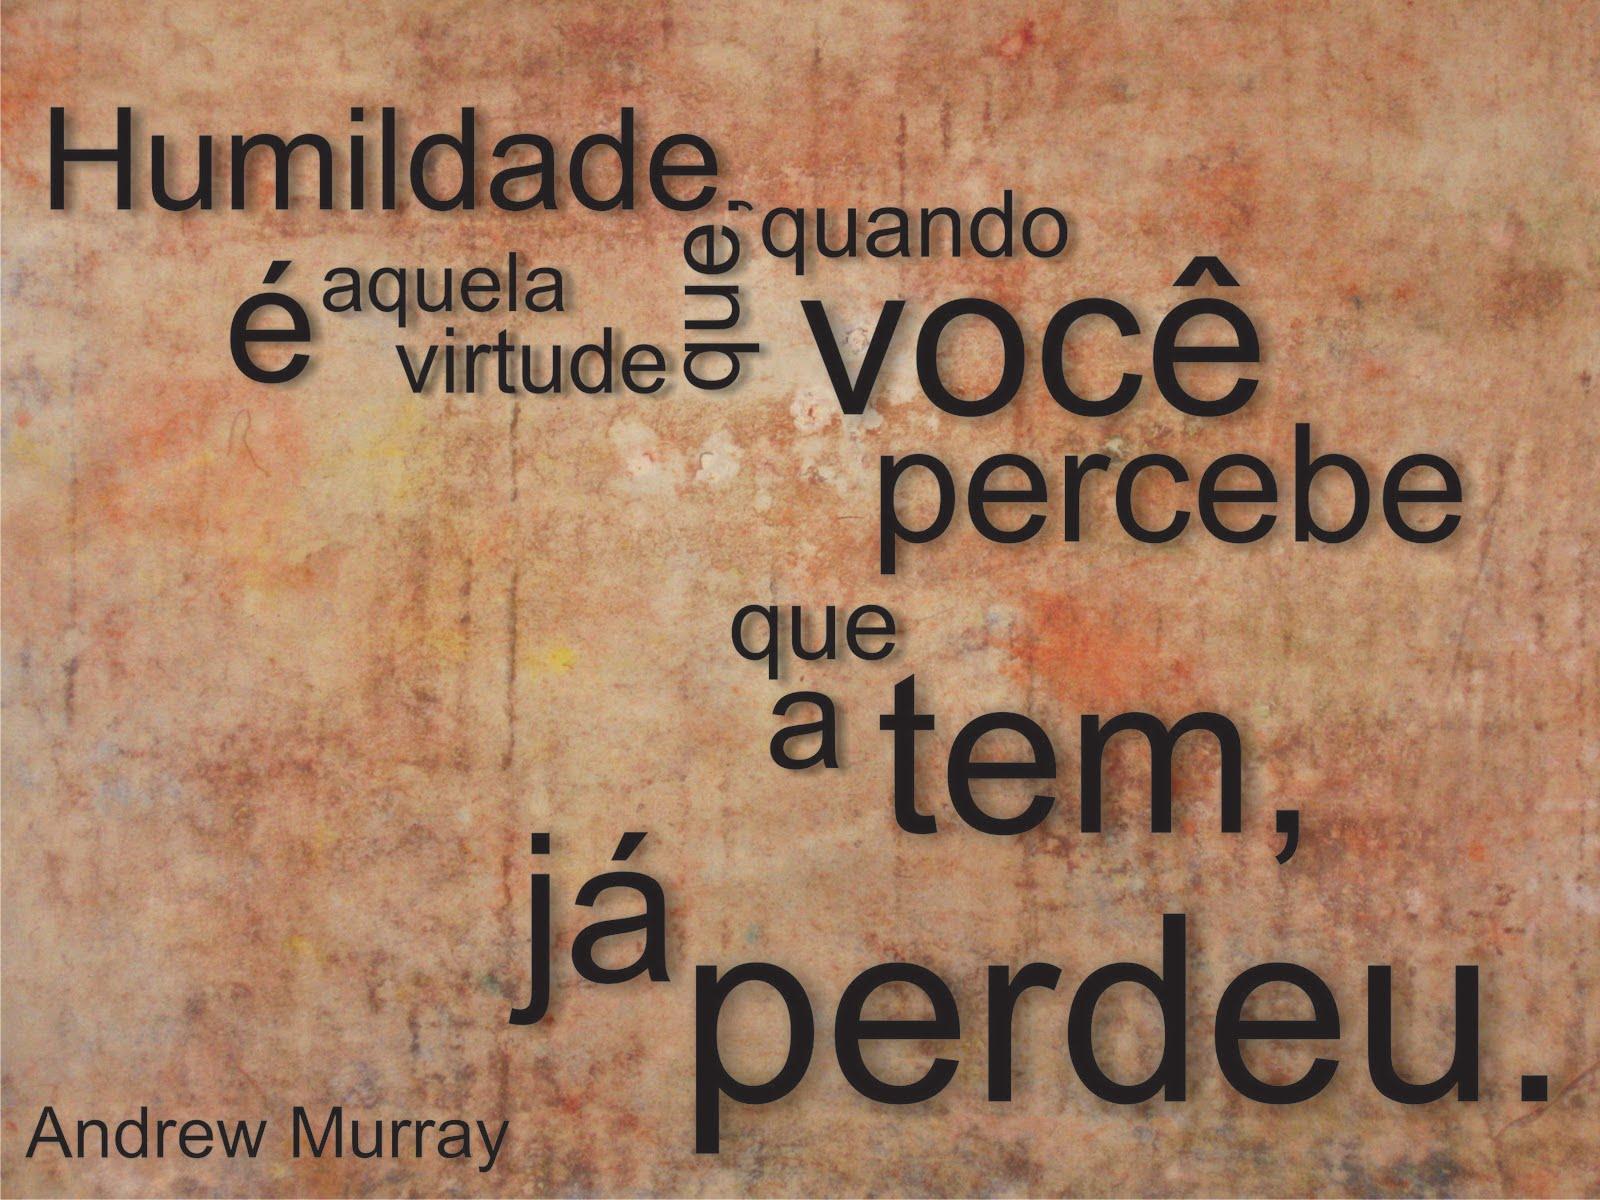 Frases De Humildade: MEUS QUERIDOS PRETOS VELHOS: FALANDO SOBRE A HUMILDADE